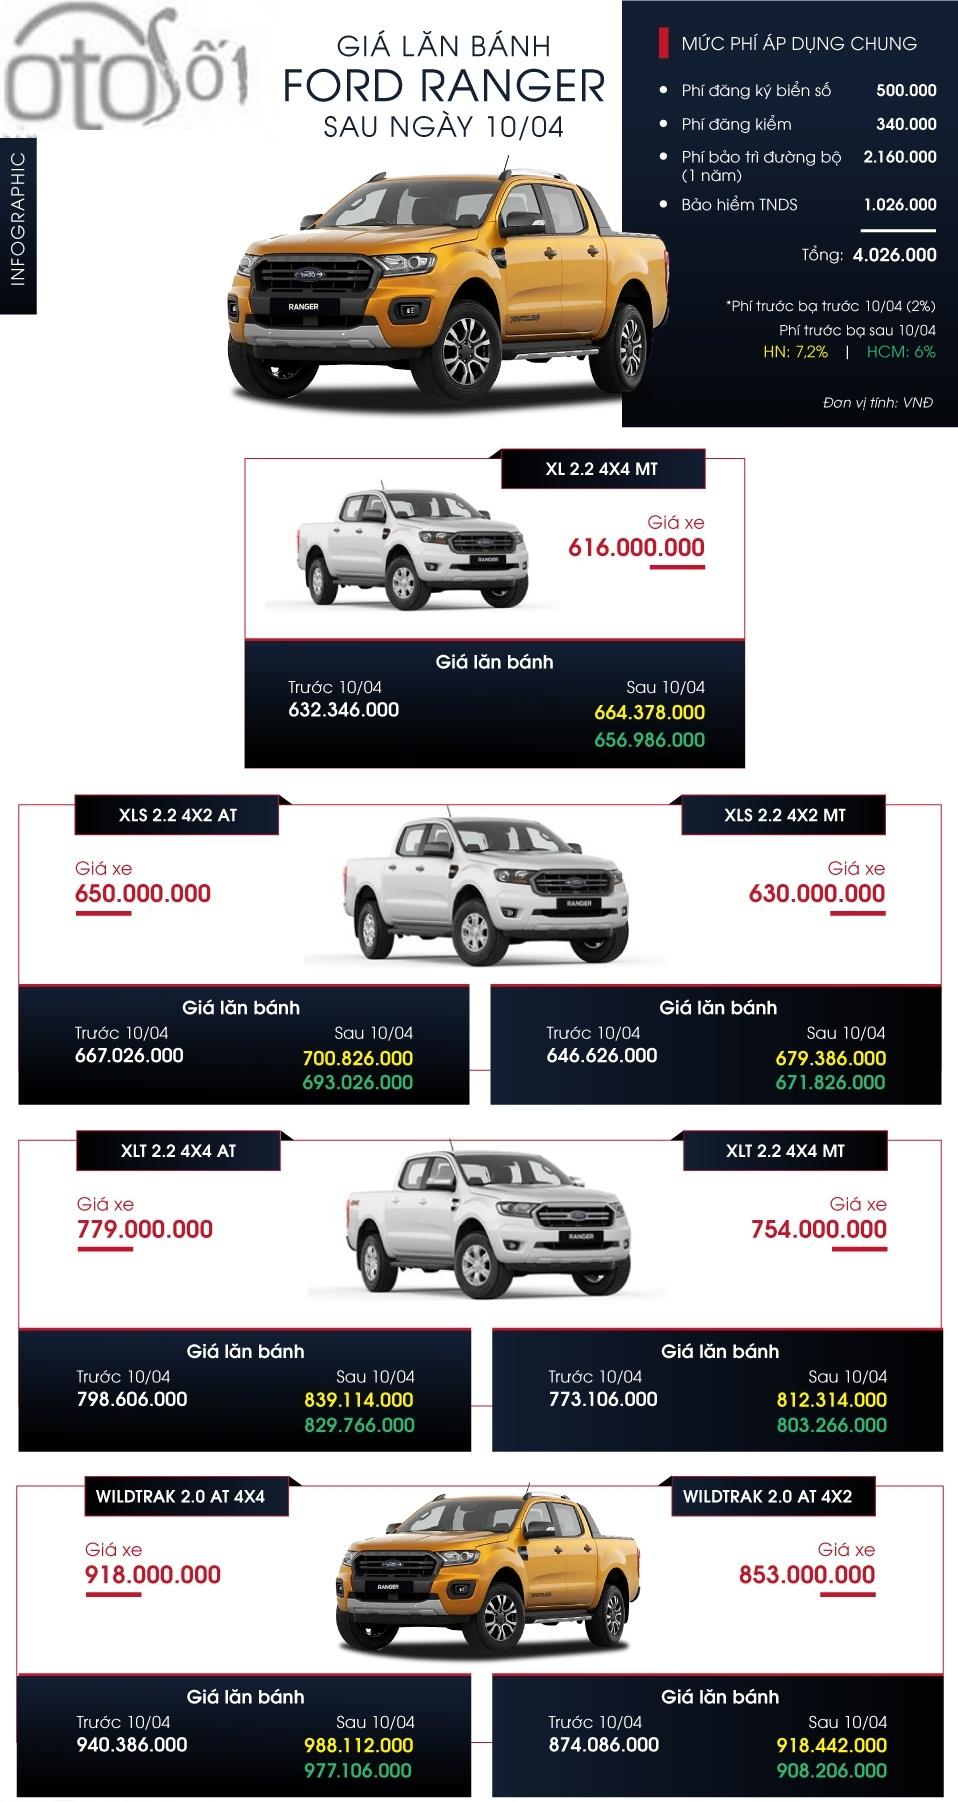 Giá lăn bánh Ford Ranger